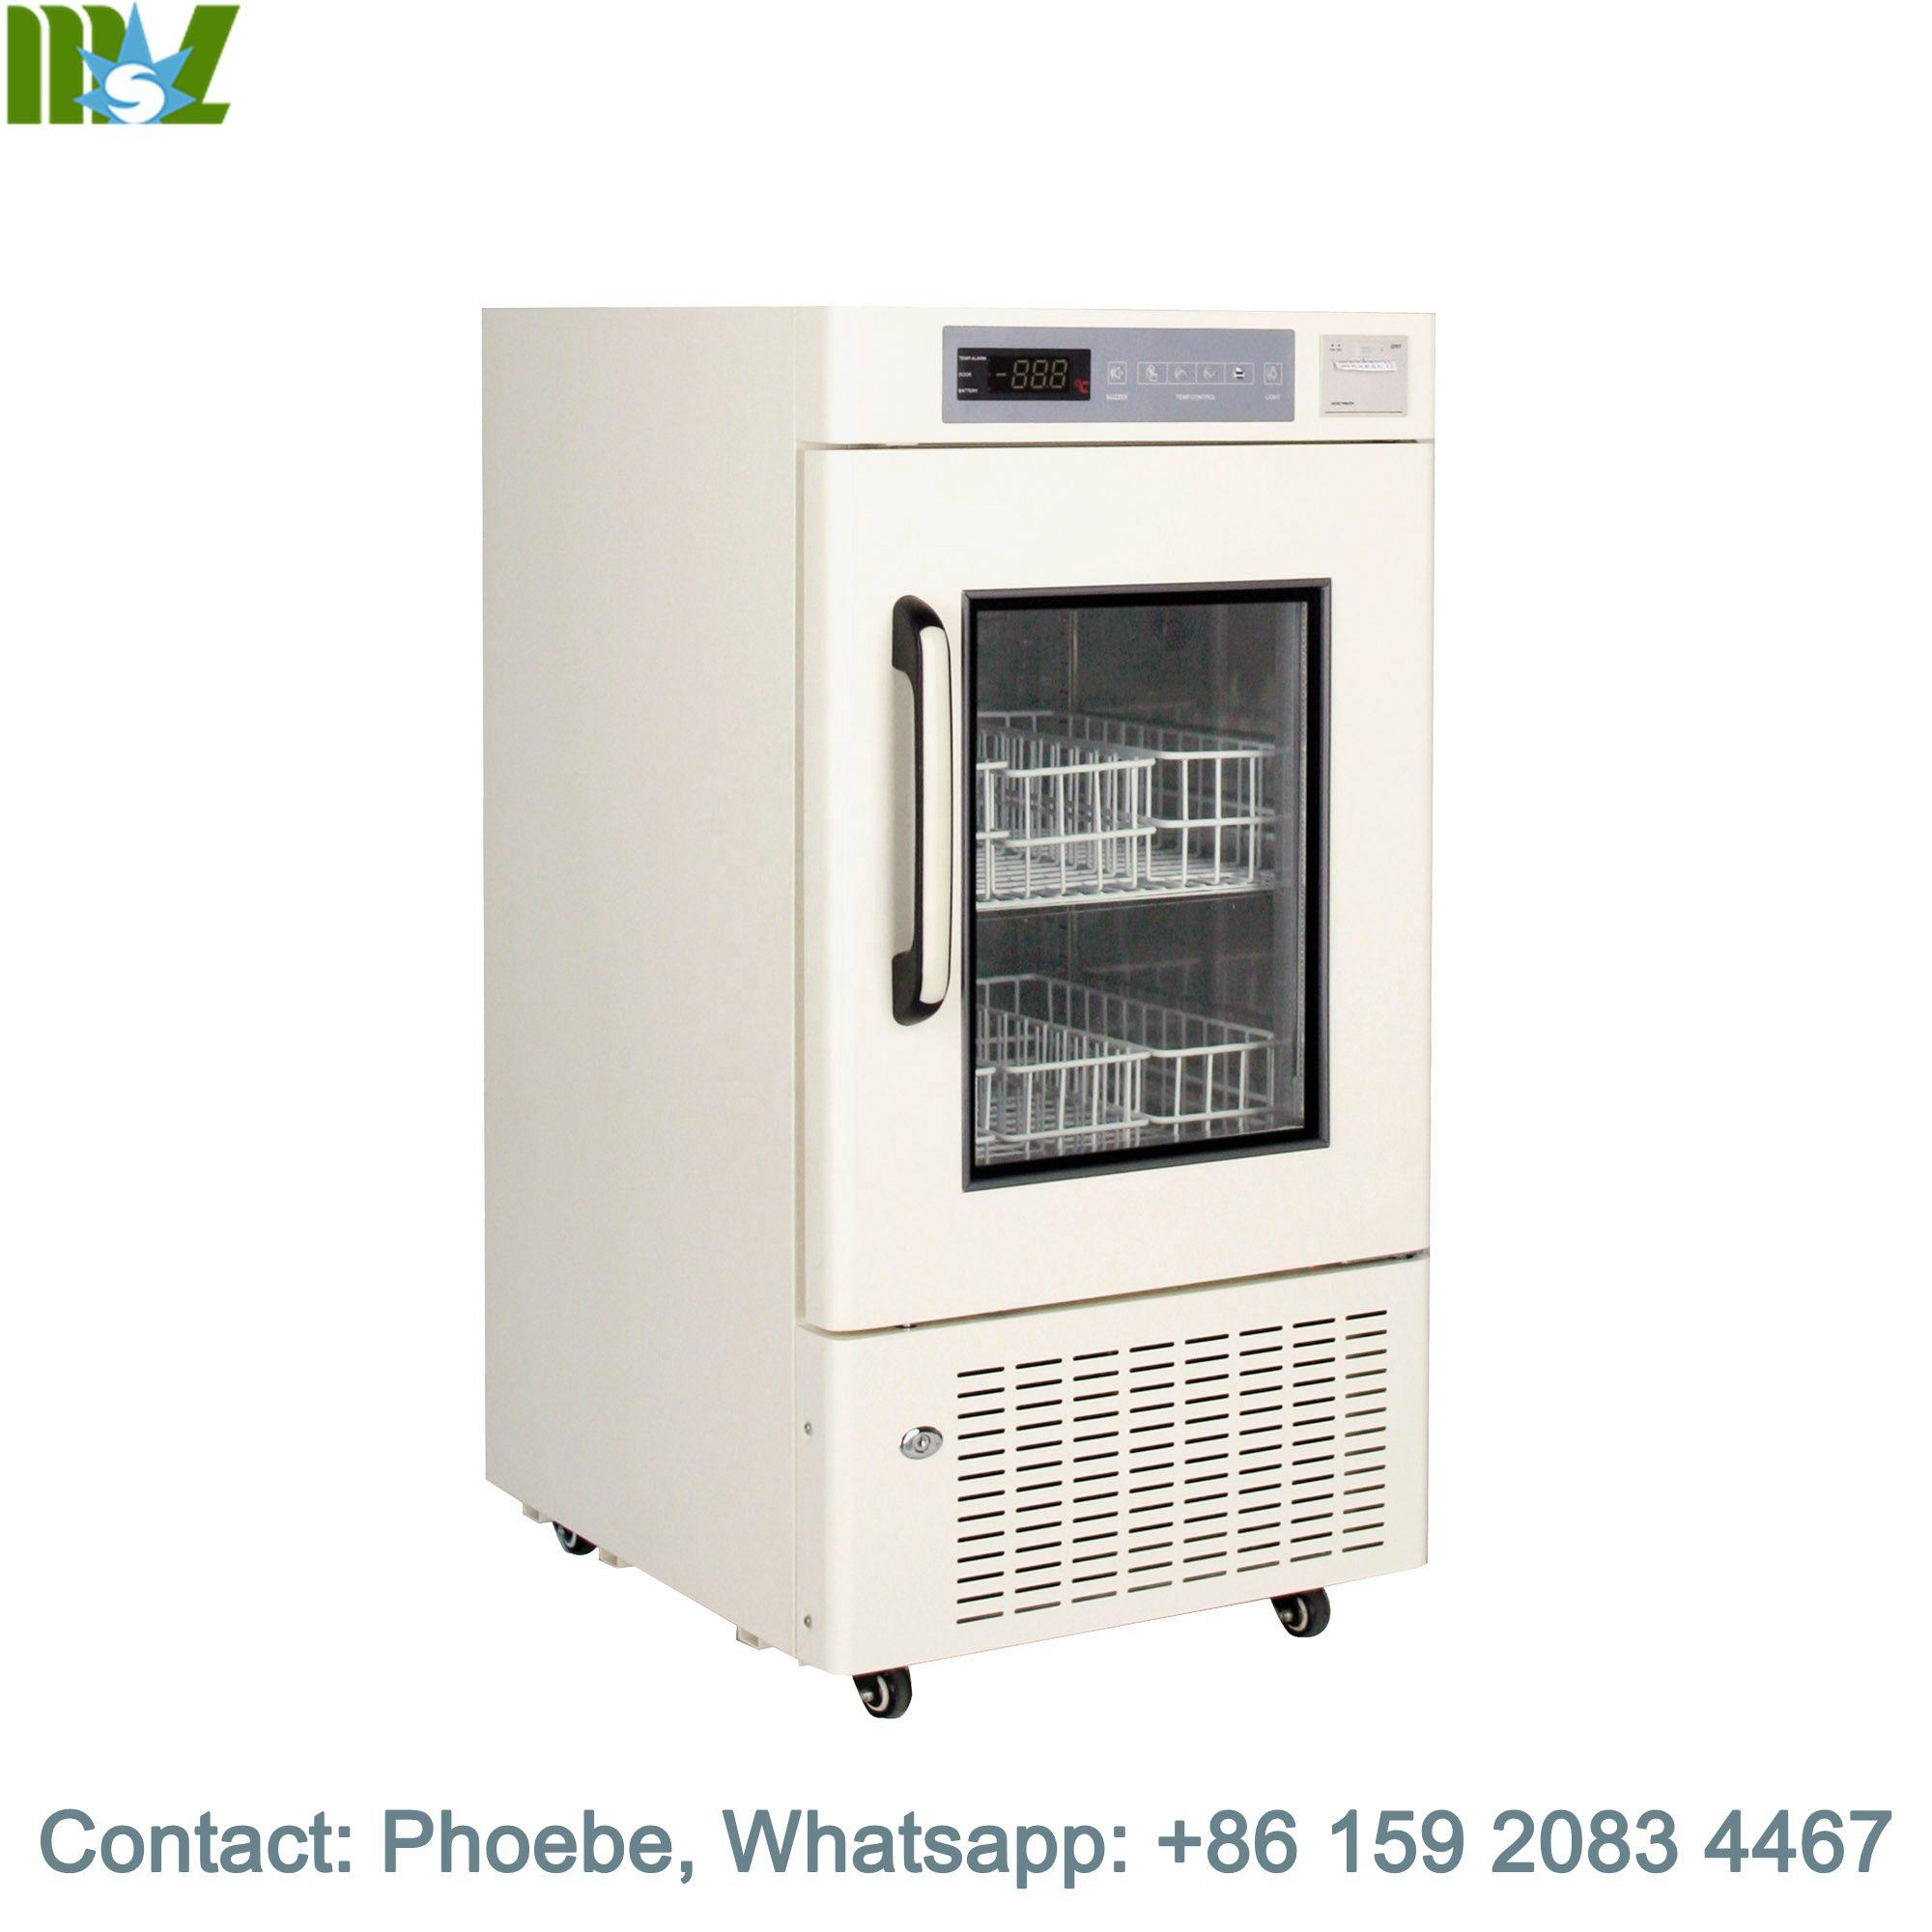 Холодильник для кровяного банка, сделано в Китае, холодильник и морозильник MSLXYL01 120 л и 160 л, Одобрено CE